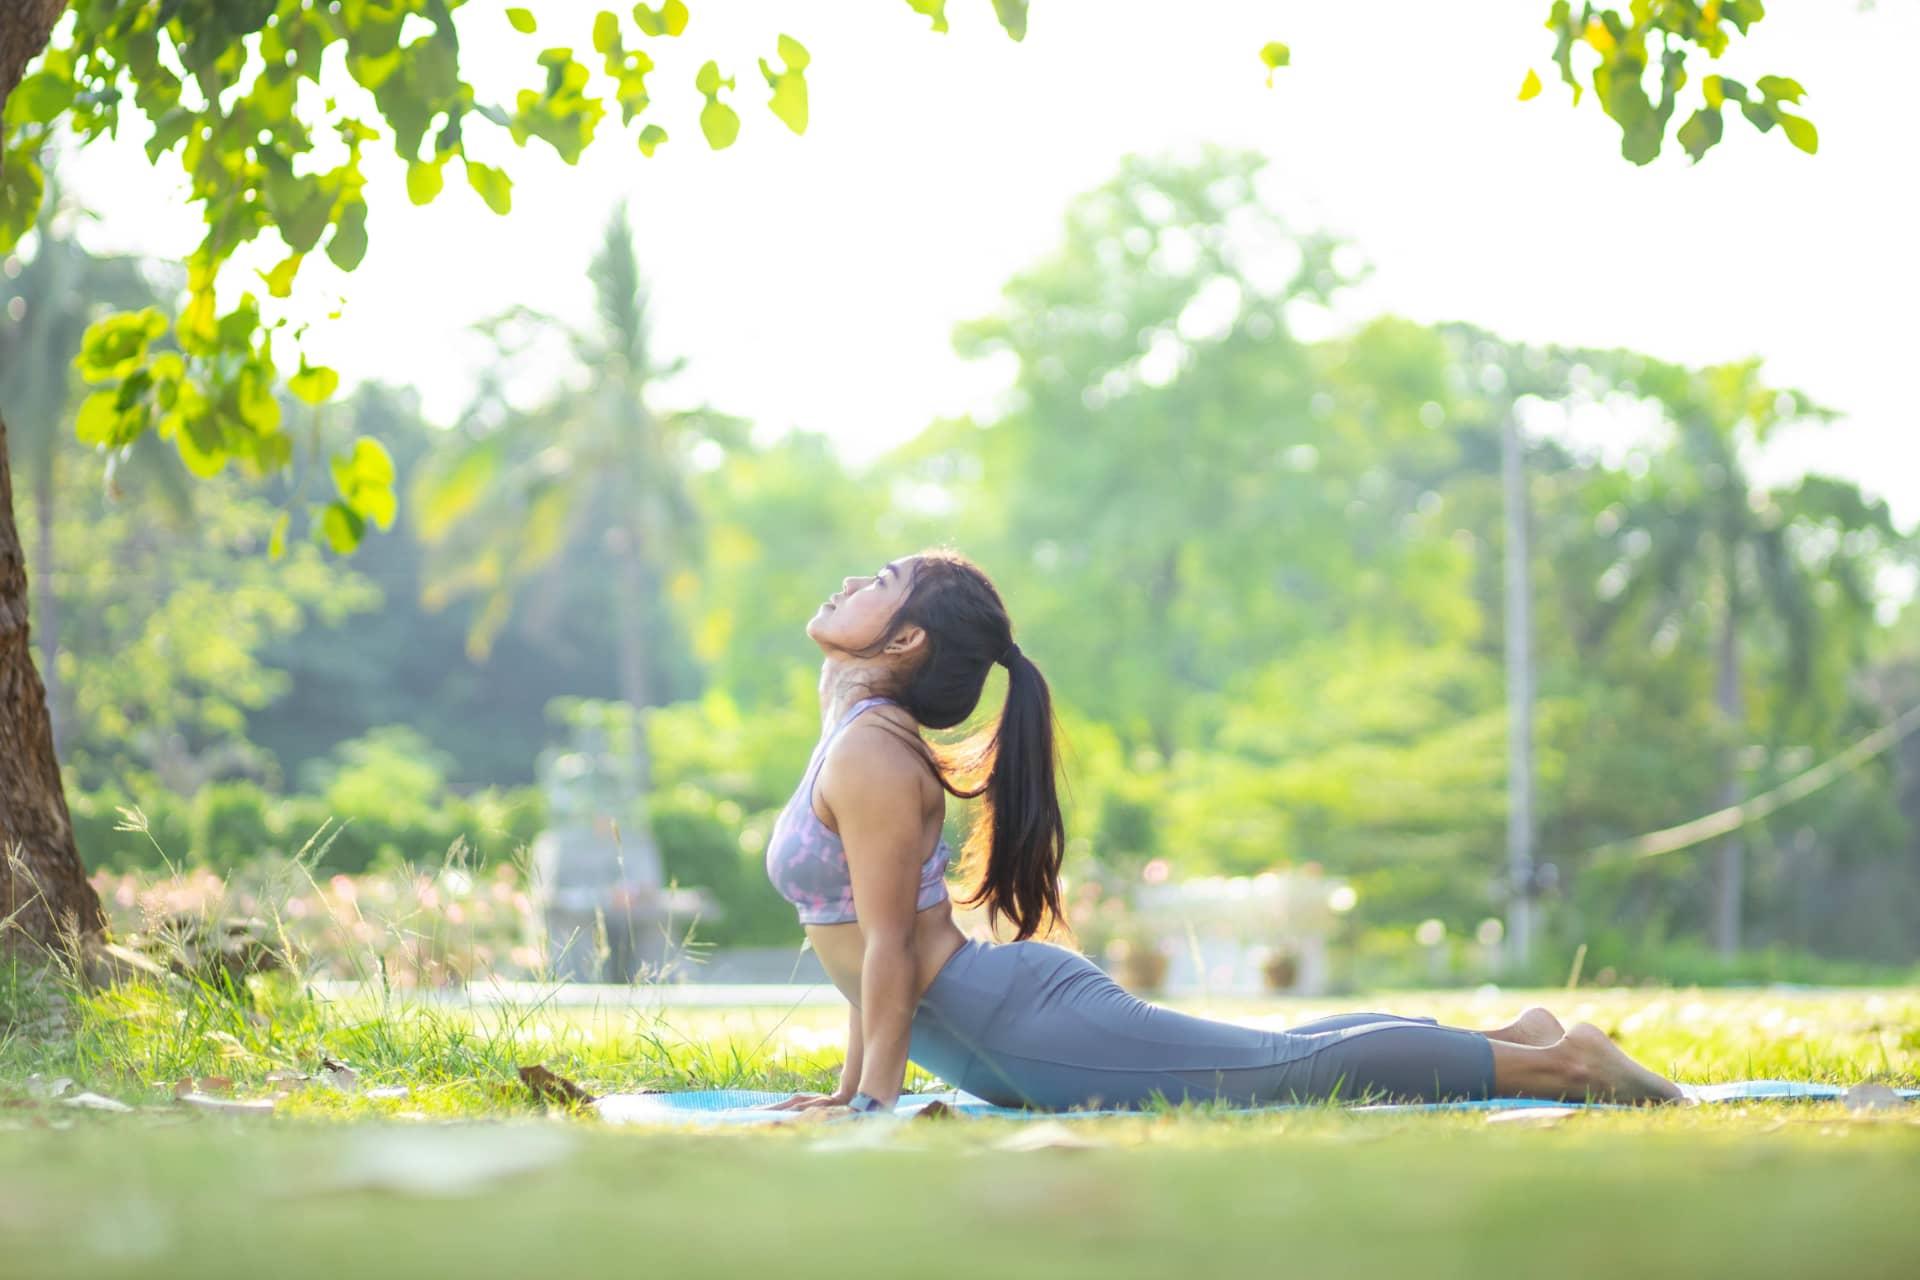 Gesundheitspraxis - Ernährungsberatung, Vollwertkost, Gesundheitsberatung - Faszientraining - Dehnen in der Natur